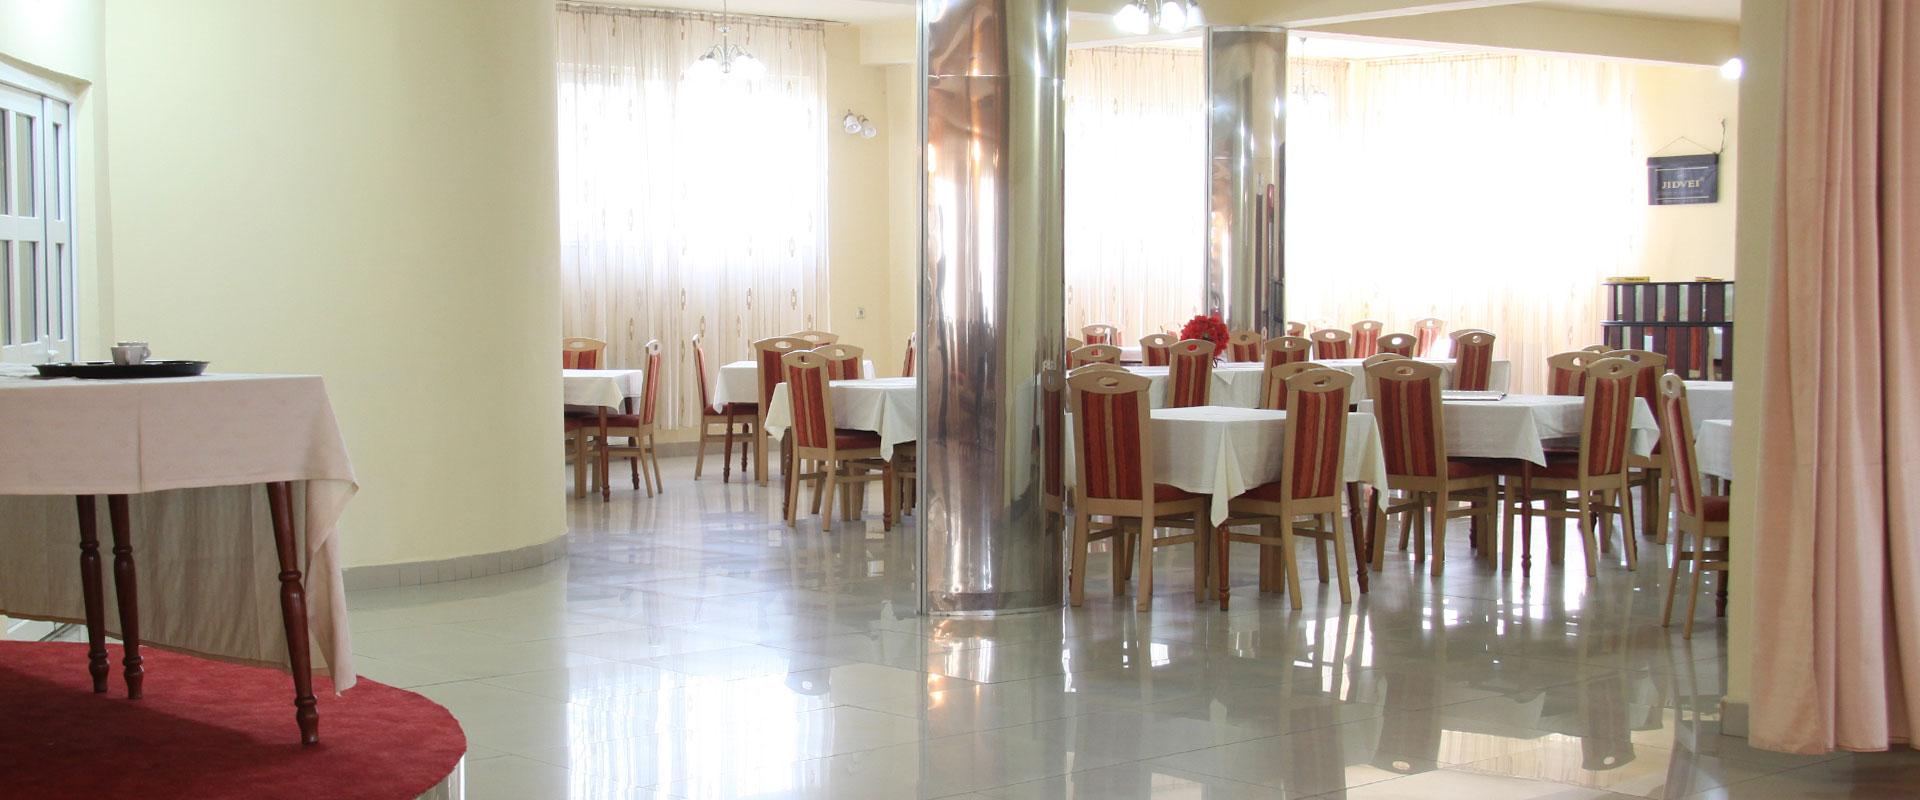 poza-hotel-corola-receptie-slider-3